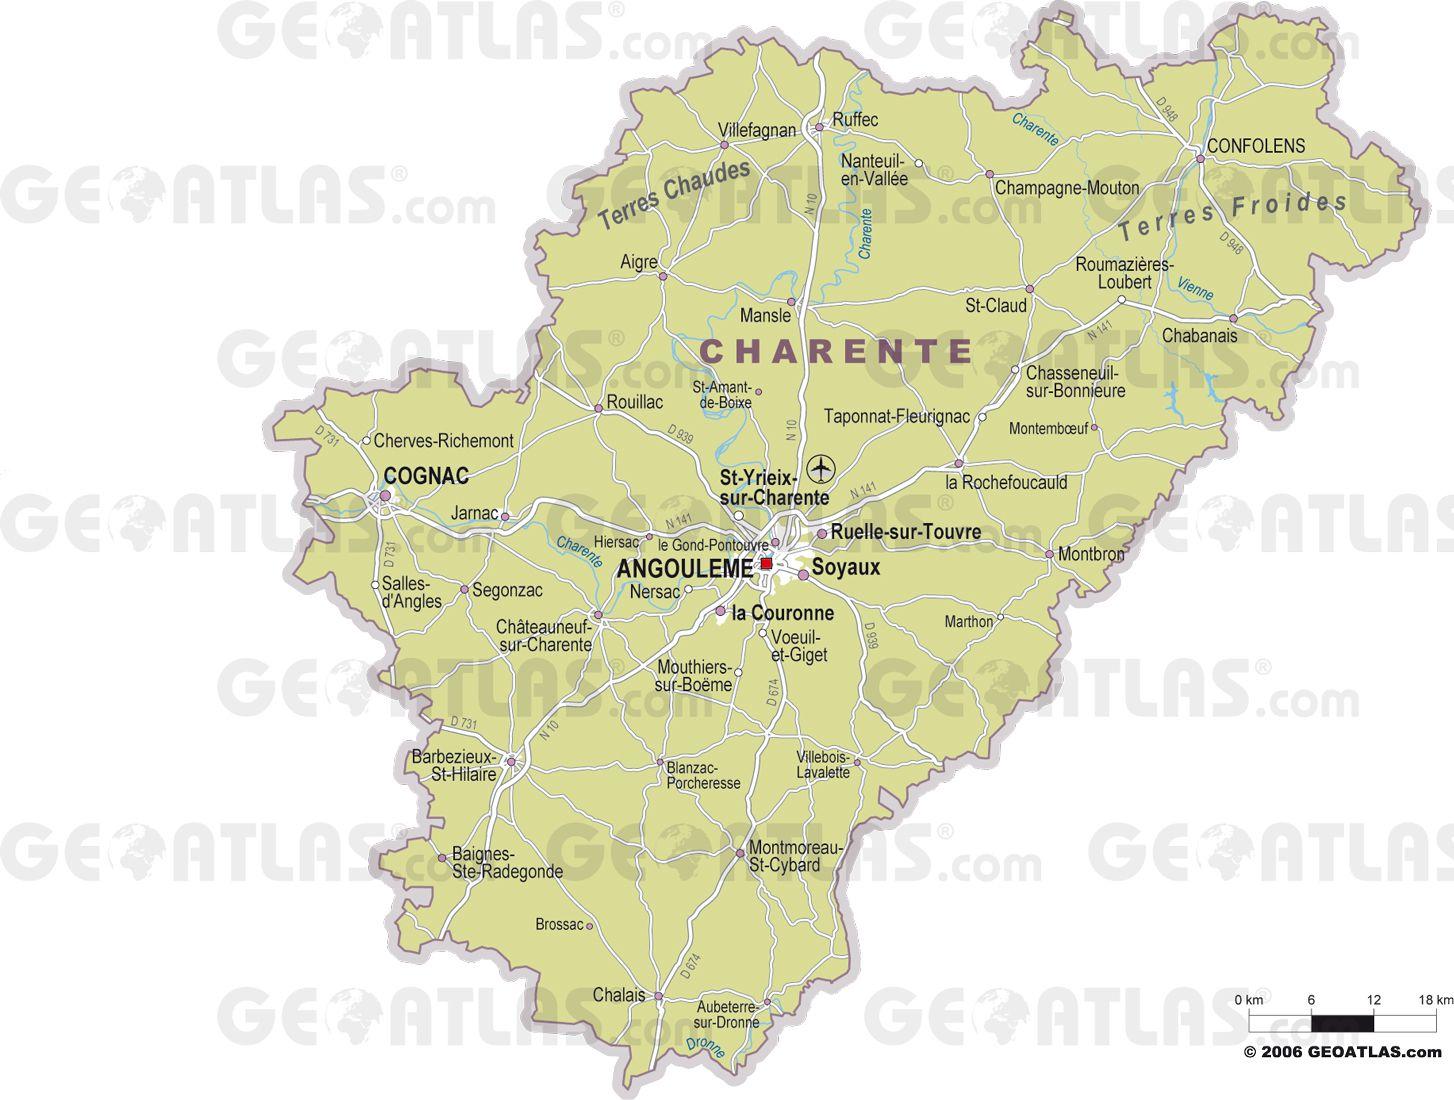 Carte des villes de la Charente